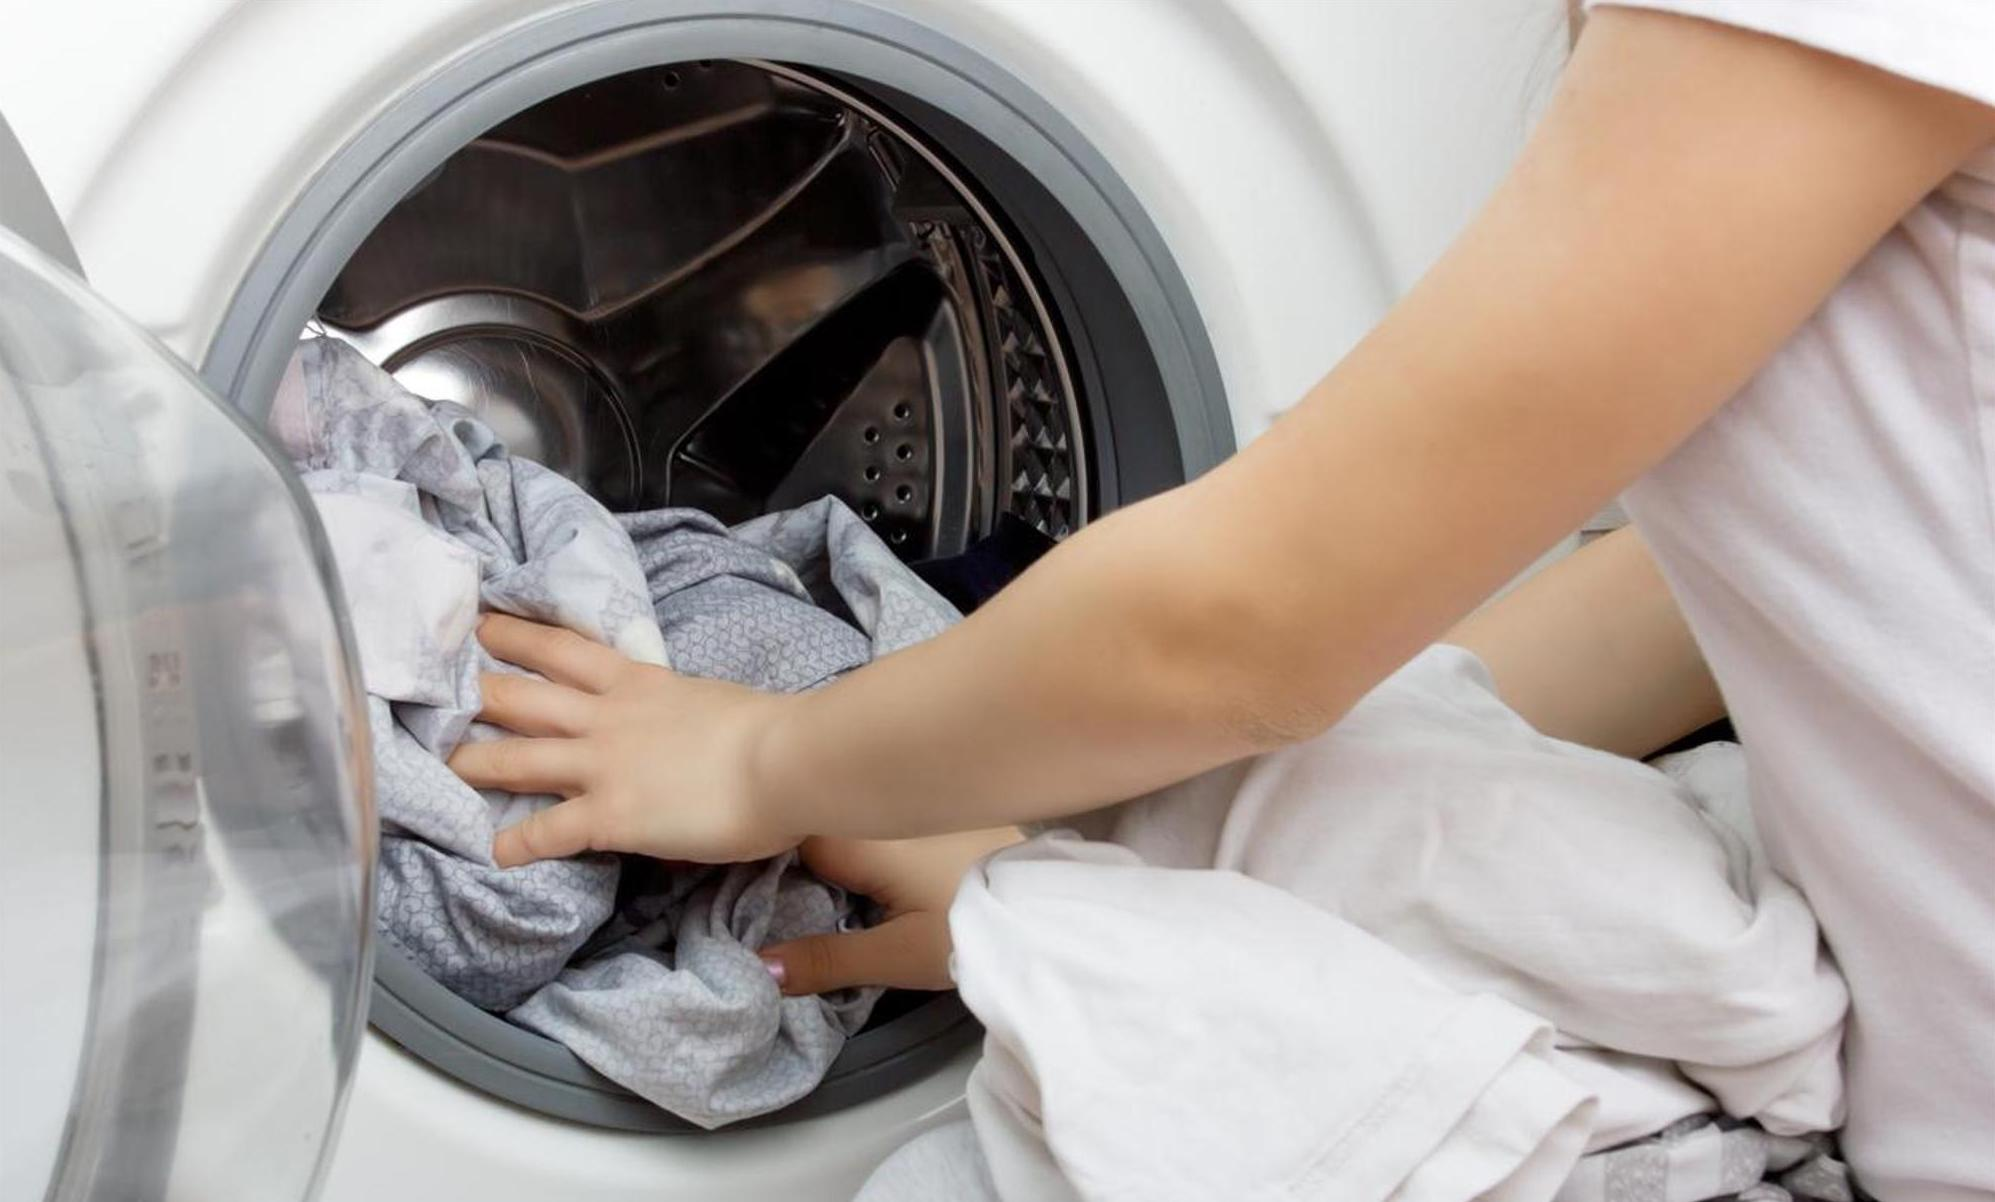 Ist das Öko-Programm – das meist länger dauert als das Standard-Programm – beim Waschen überhaupt energieeffizienter? Ja, durch tiefere Waschtemperaturen kann am meisten Energie gespart werden. iStock / Yana Tikhonova